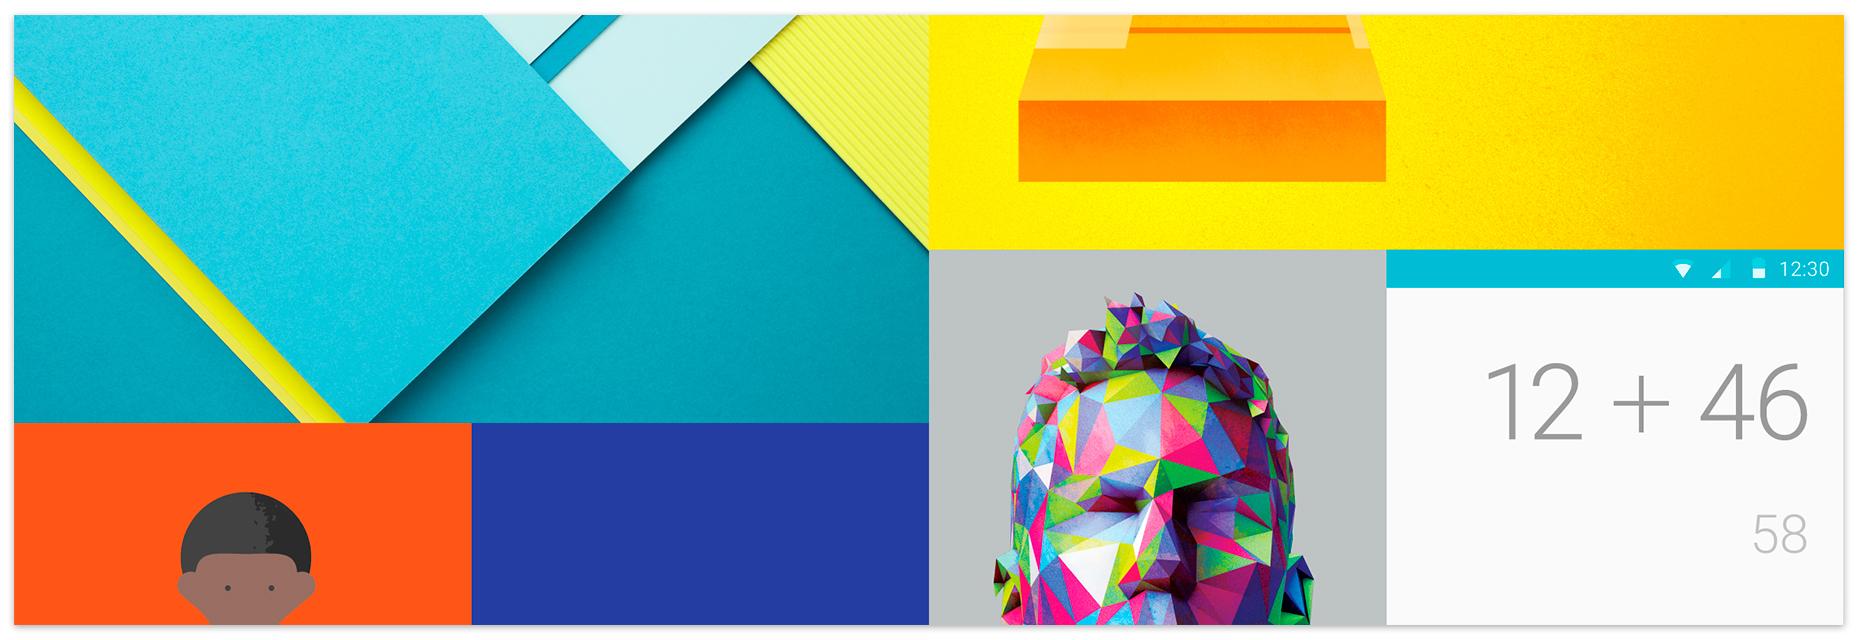 Дизайн и юзабилити: Главные принципы Material Design